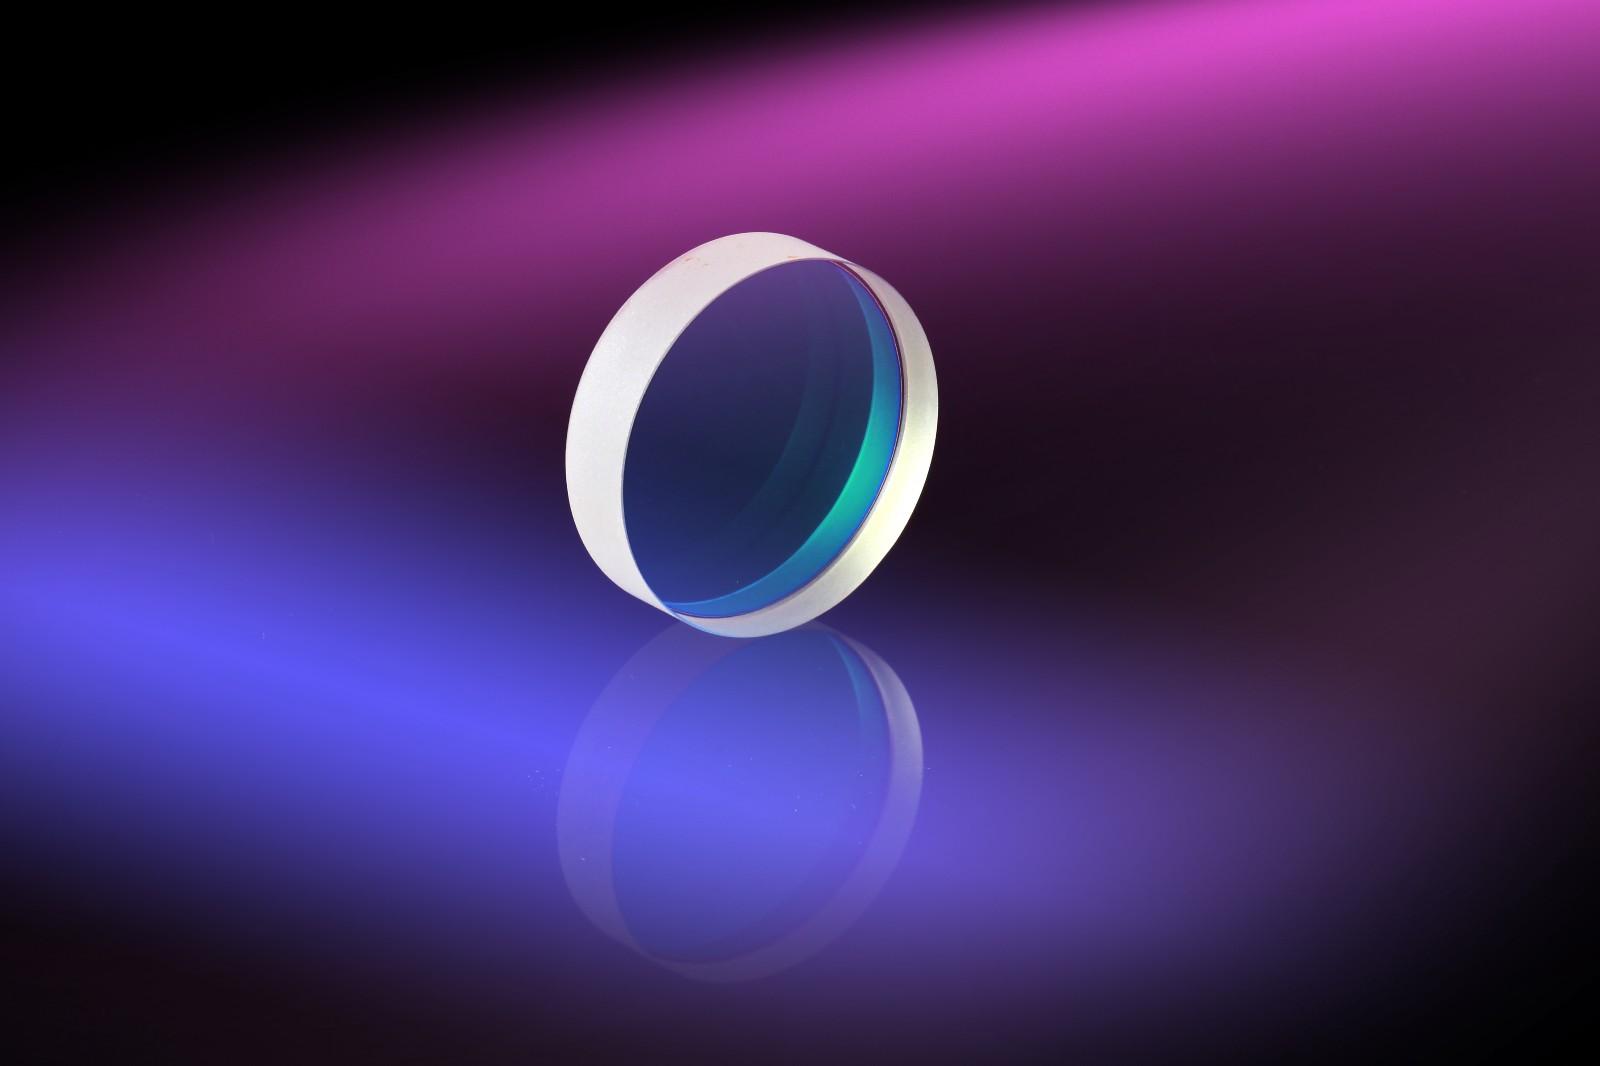 福州光诚光电将携最小尺寸直径可达1mm的反射镜亮相武汉光博会CFOL联展区